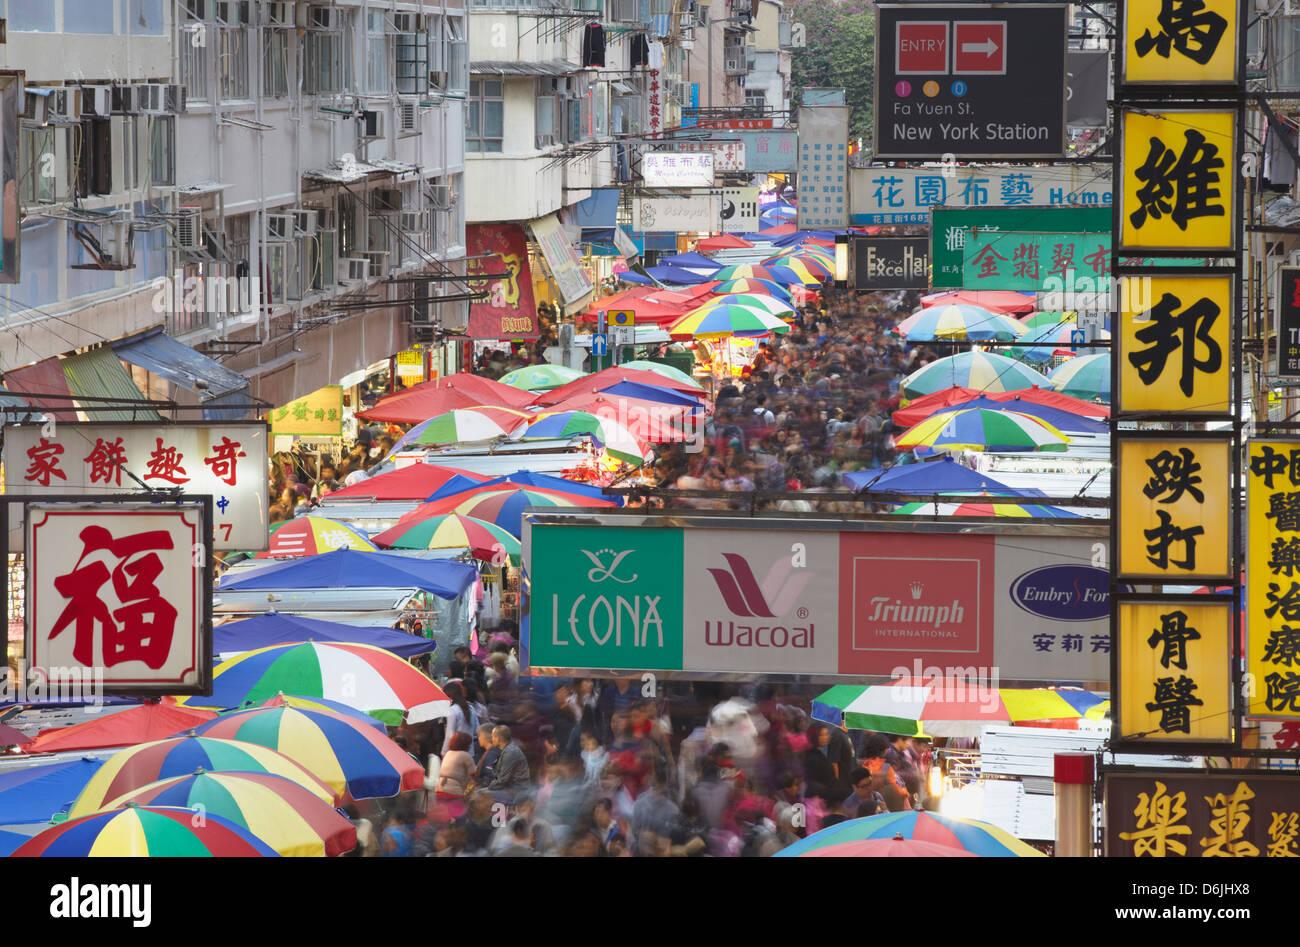 Crowds at Fa Yuen Street Market, Mongkok, Hong Kong, China, Asia - Stock Image